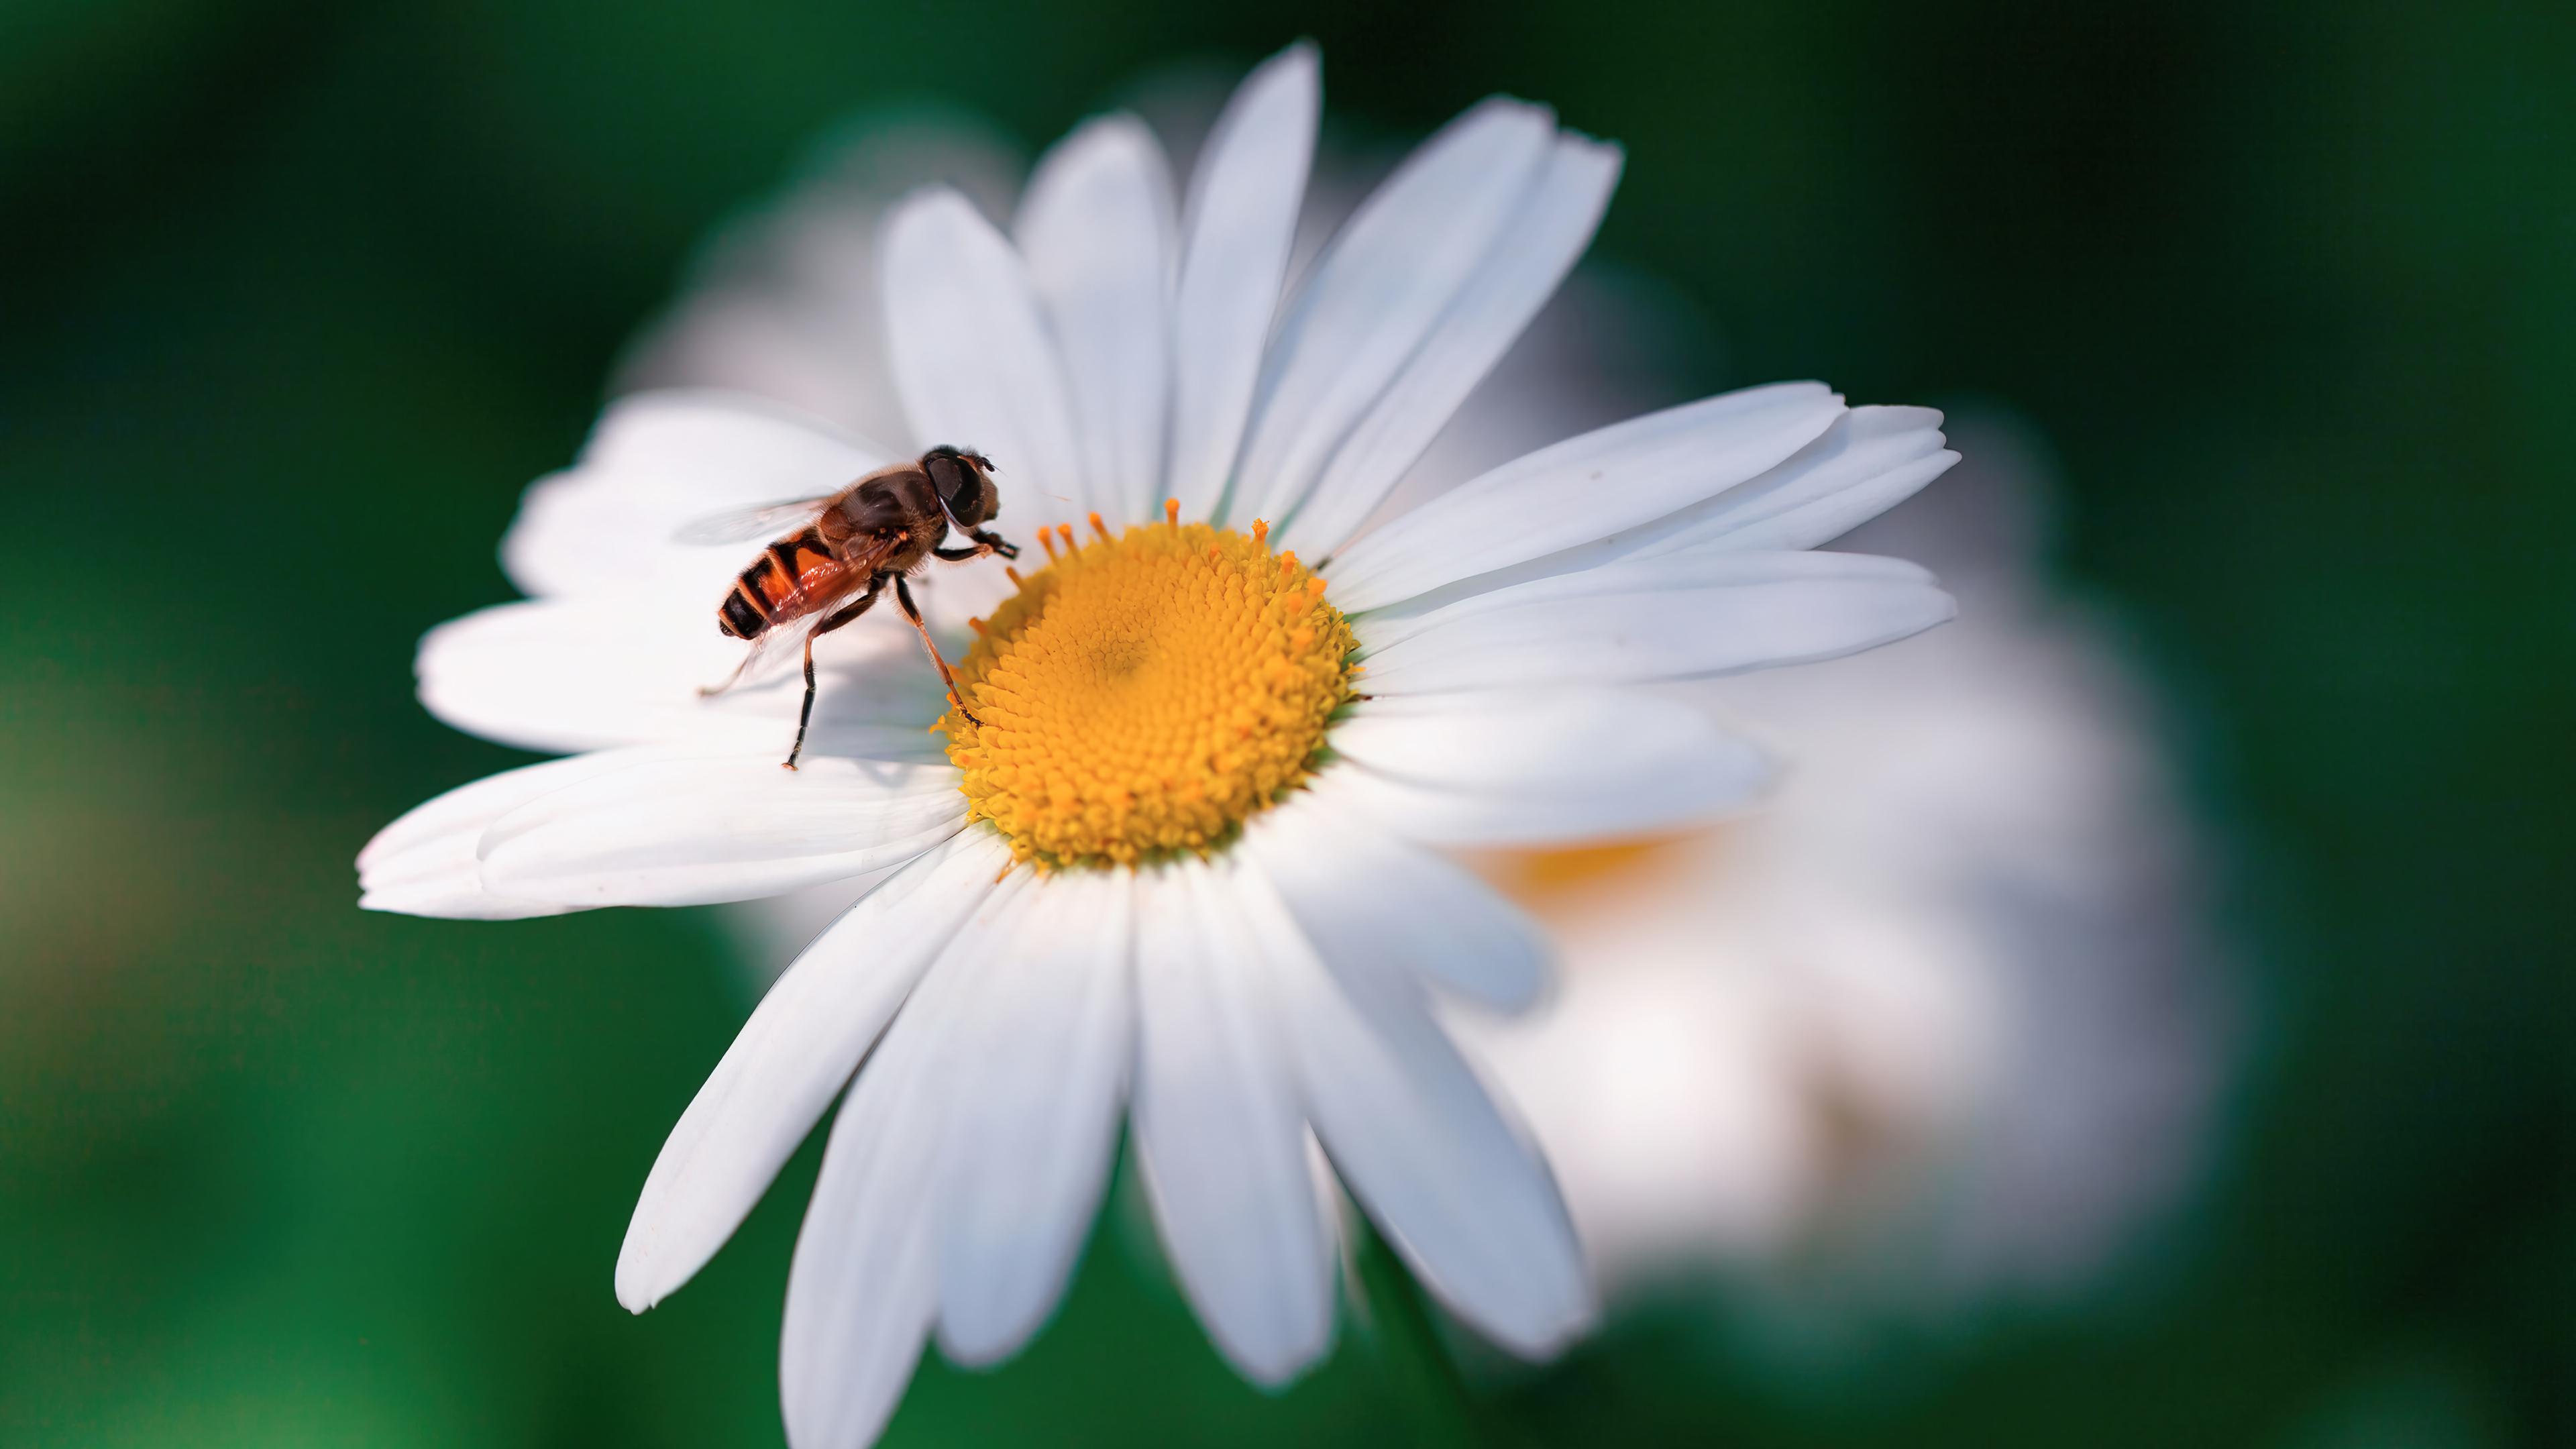 Wallpaper Bee on flower